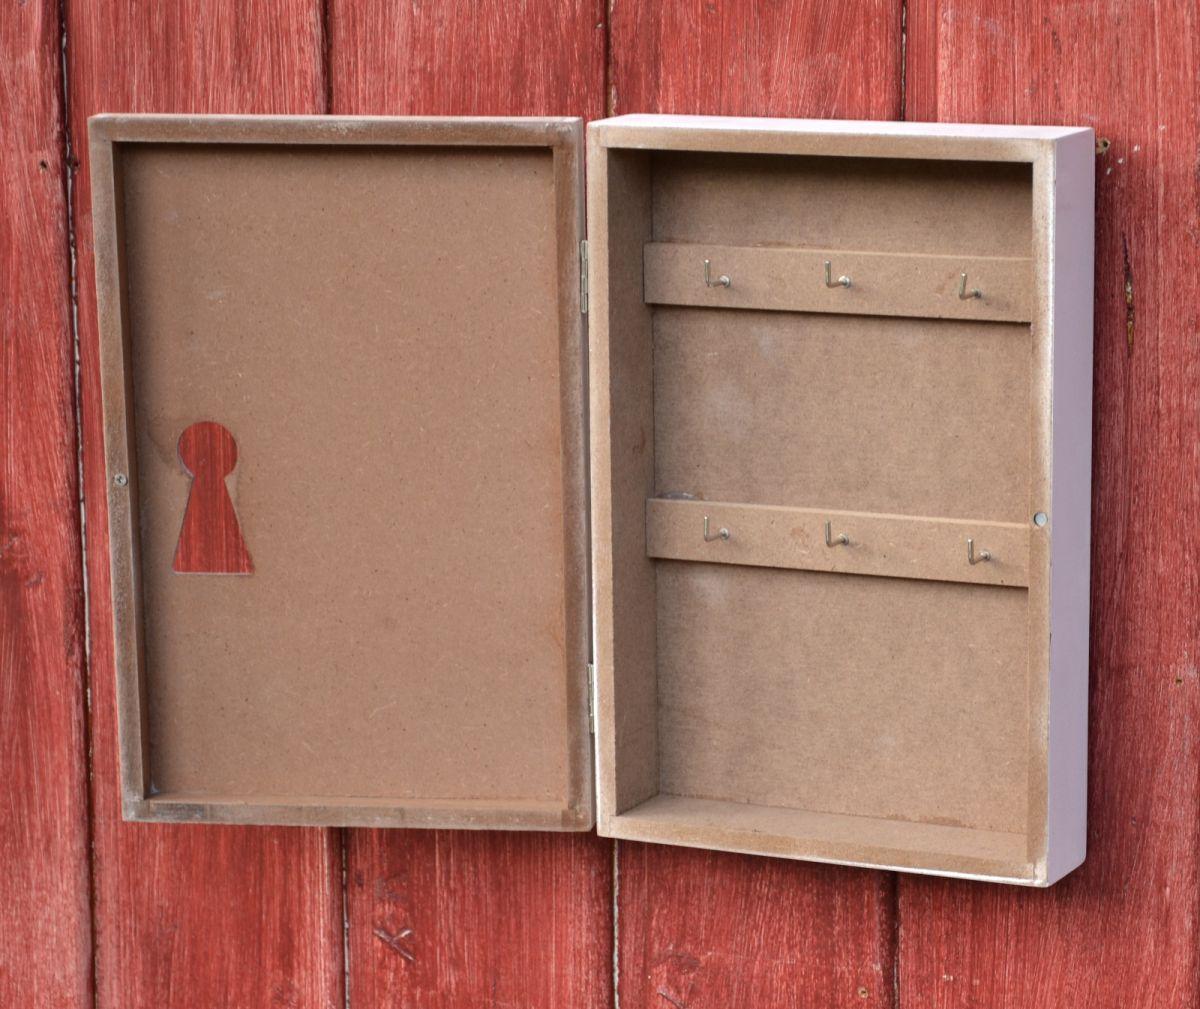 schl sselkasten schl sselschrank holz mit 6 haken natur home schild more online. Black Bedroom Furniture Sets. Home Design Ideas